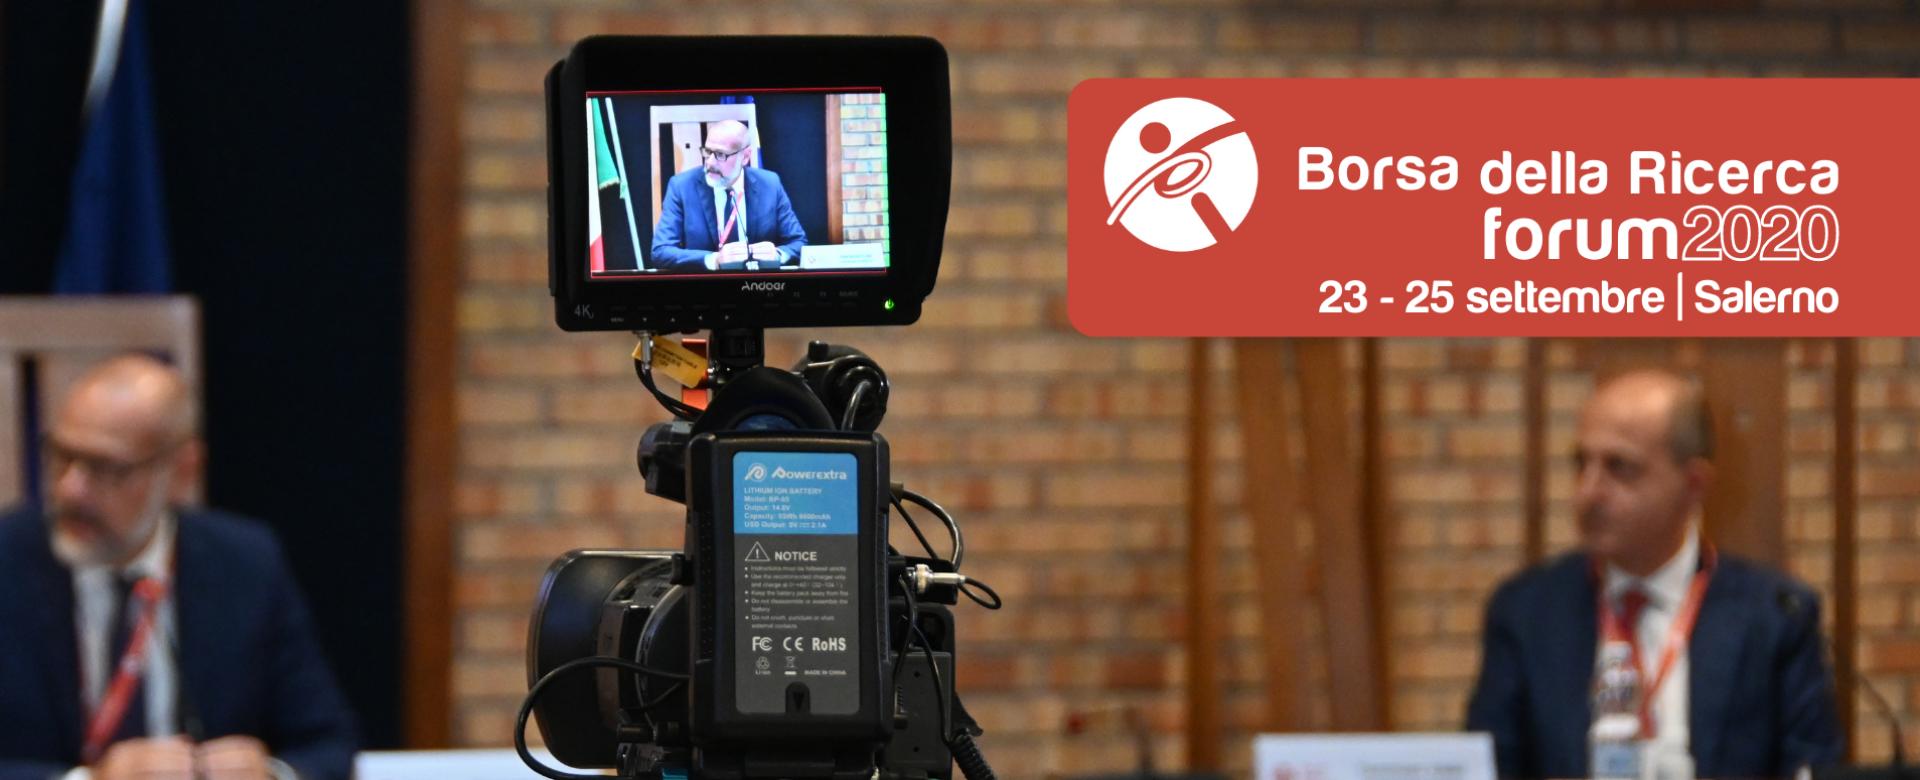 26.09.2020 - Borsa della Ricerca | XI forum | Salerno/online